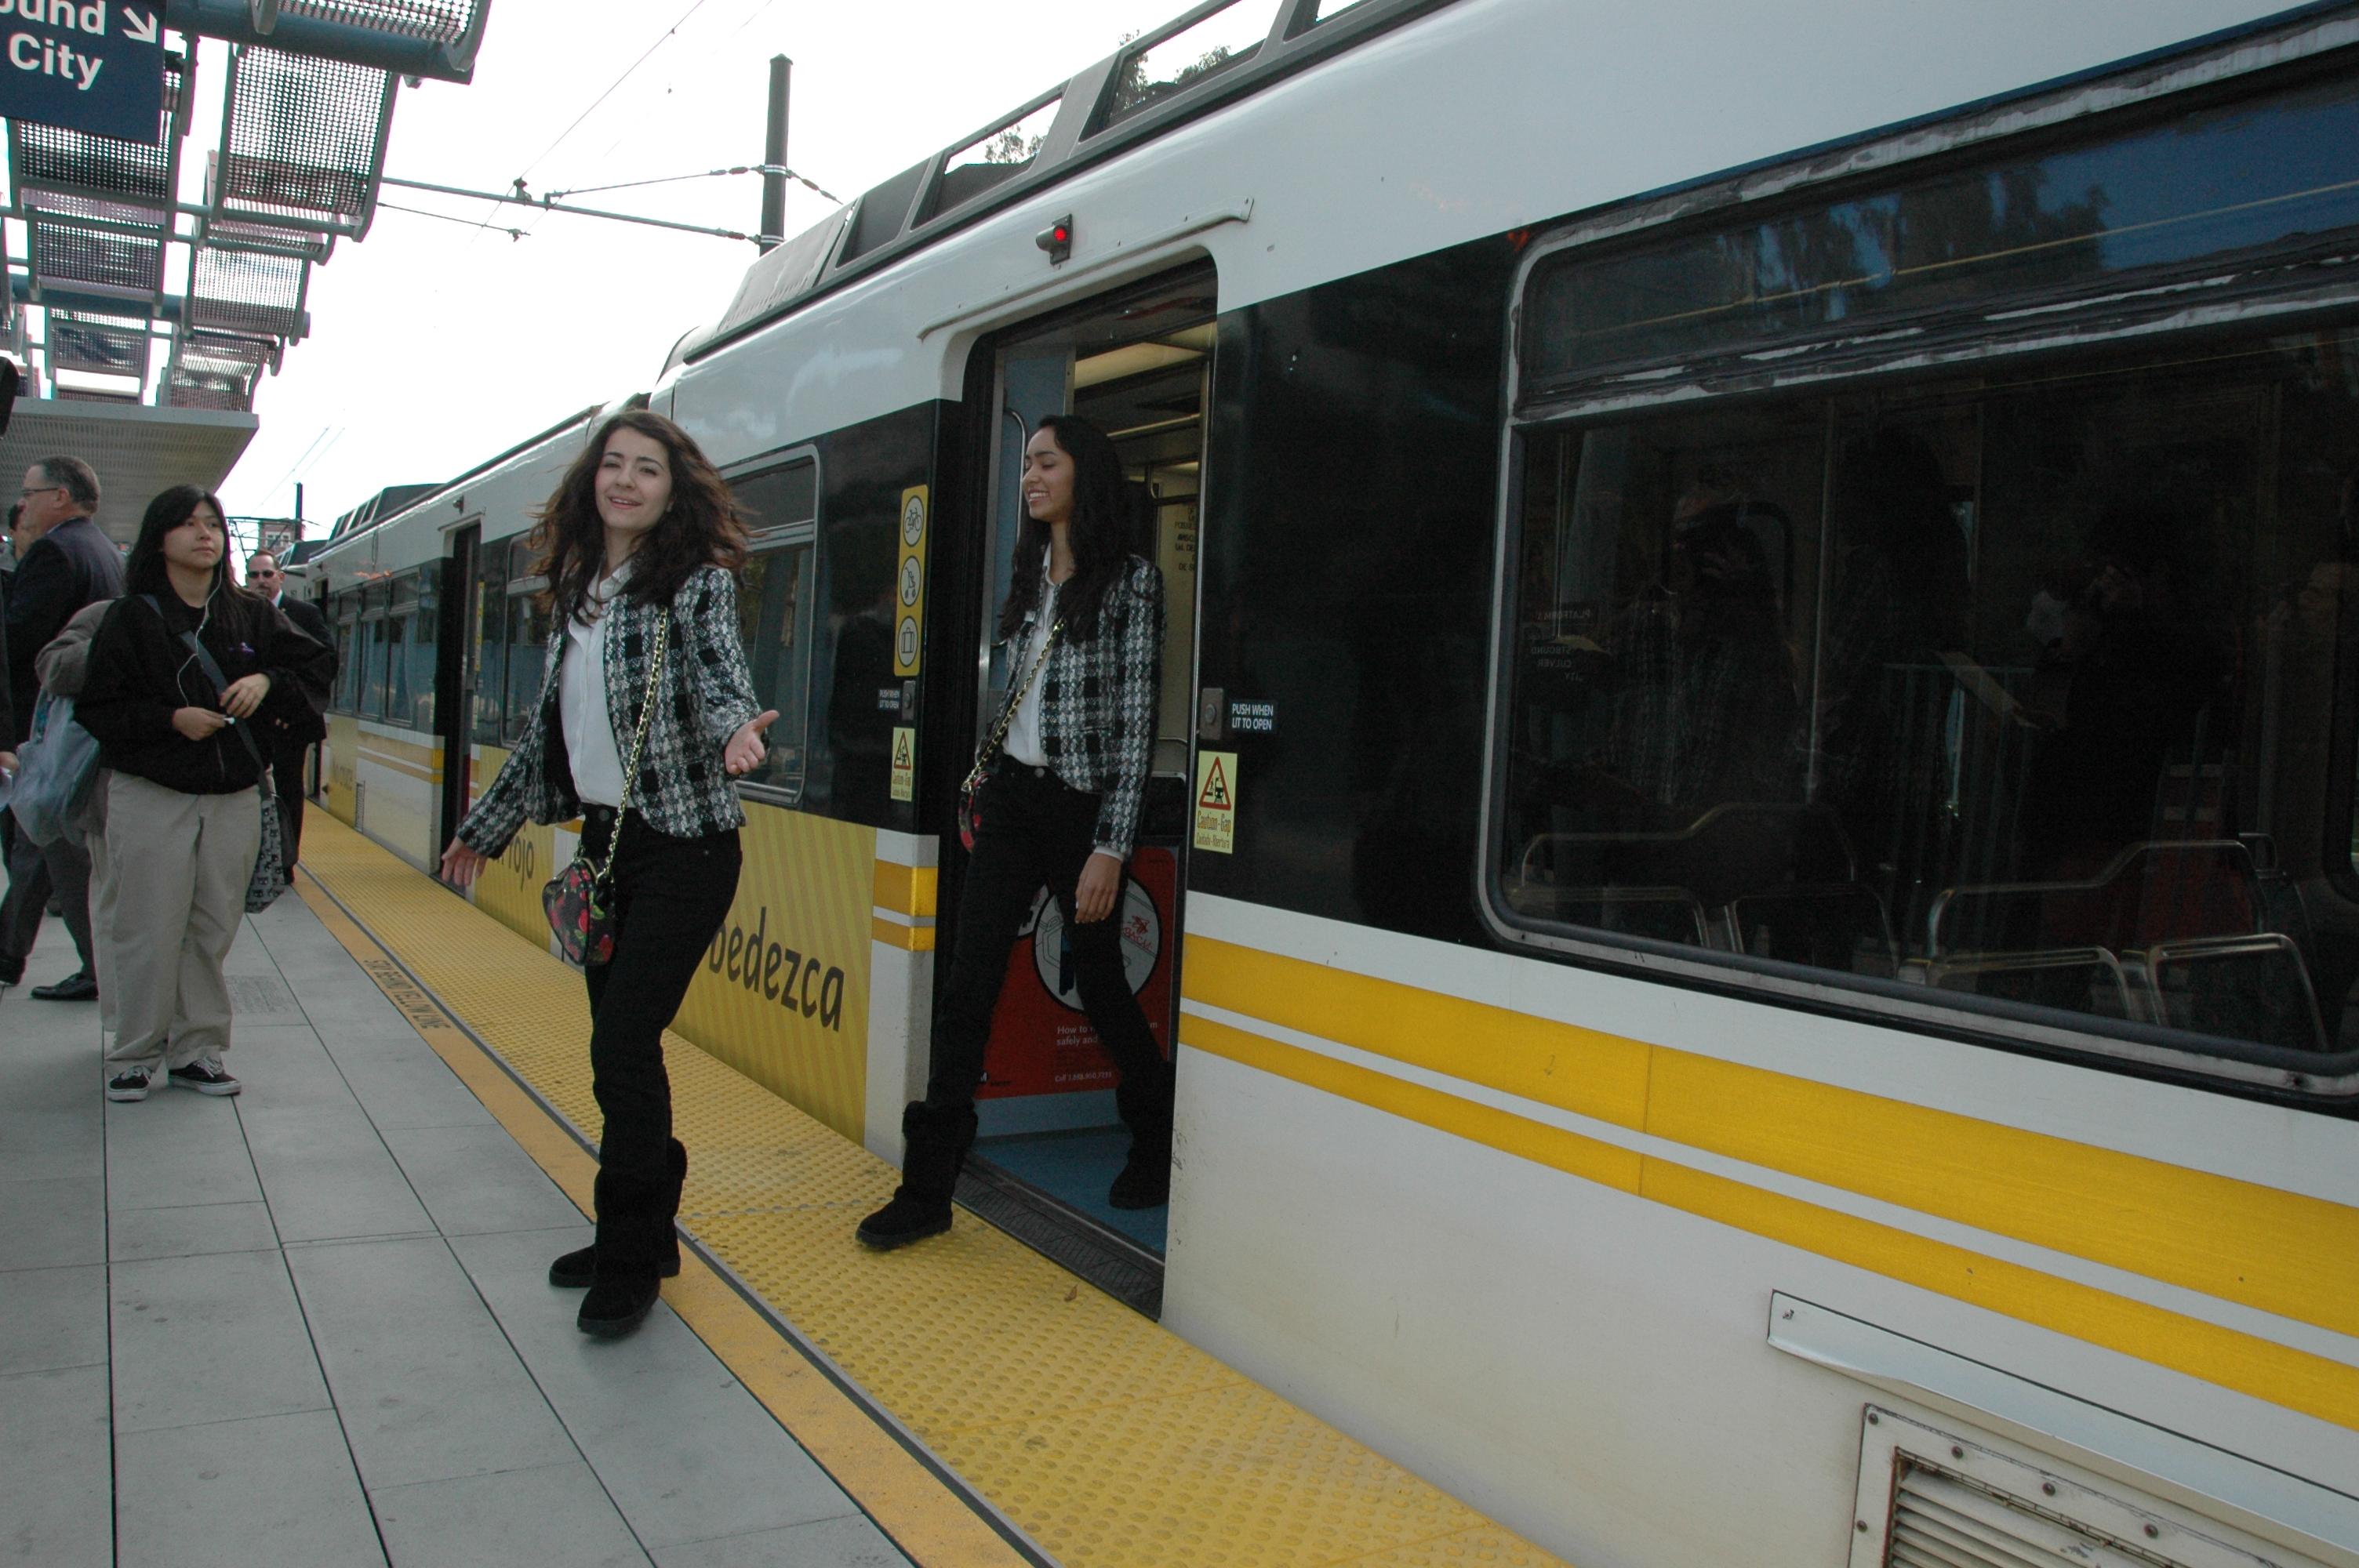 La invitación esta hecha, si desea viajar a Pasadena a ver el Desfile de las Rosas, Metro es la mejor opción. (Foto Luis Inzunza/Metro).